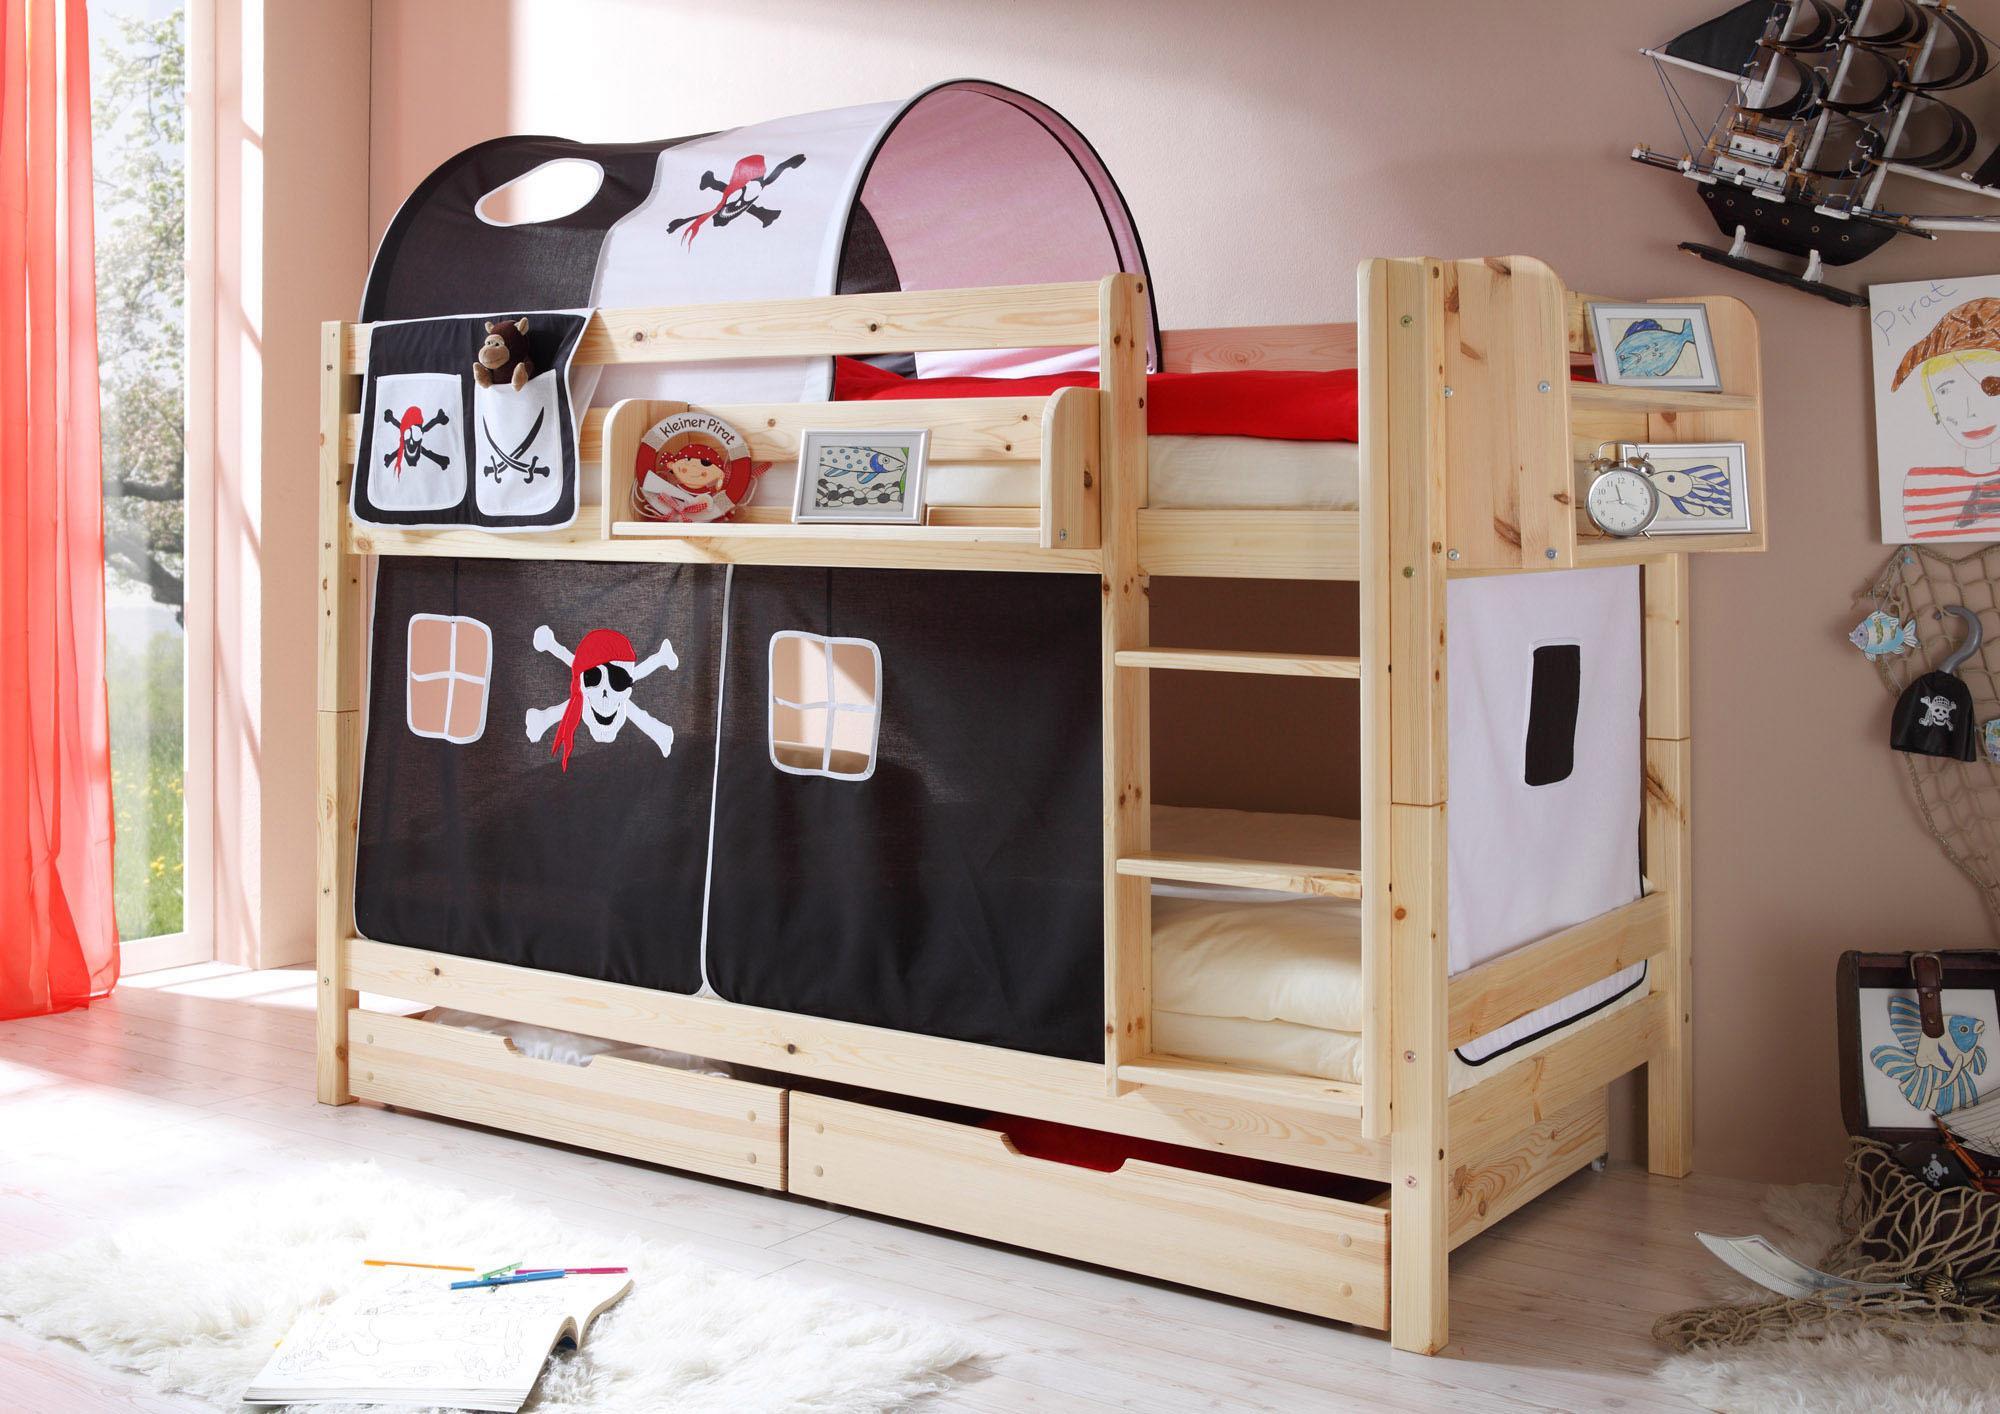 Etagenbett Baby Walz : Babyzimmer massiv preisvergleich u2022 die besten angebote online kaufen